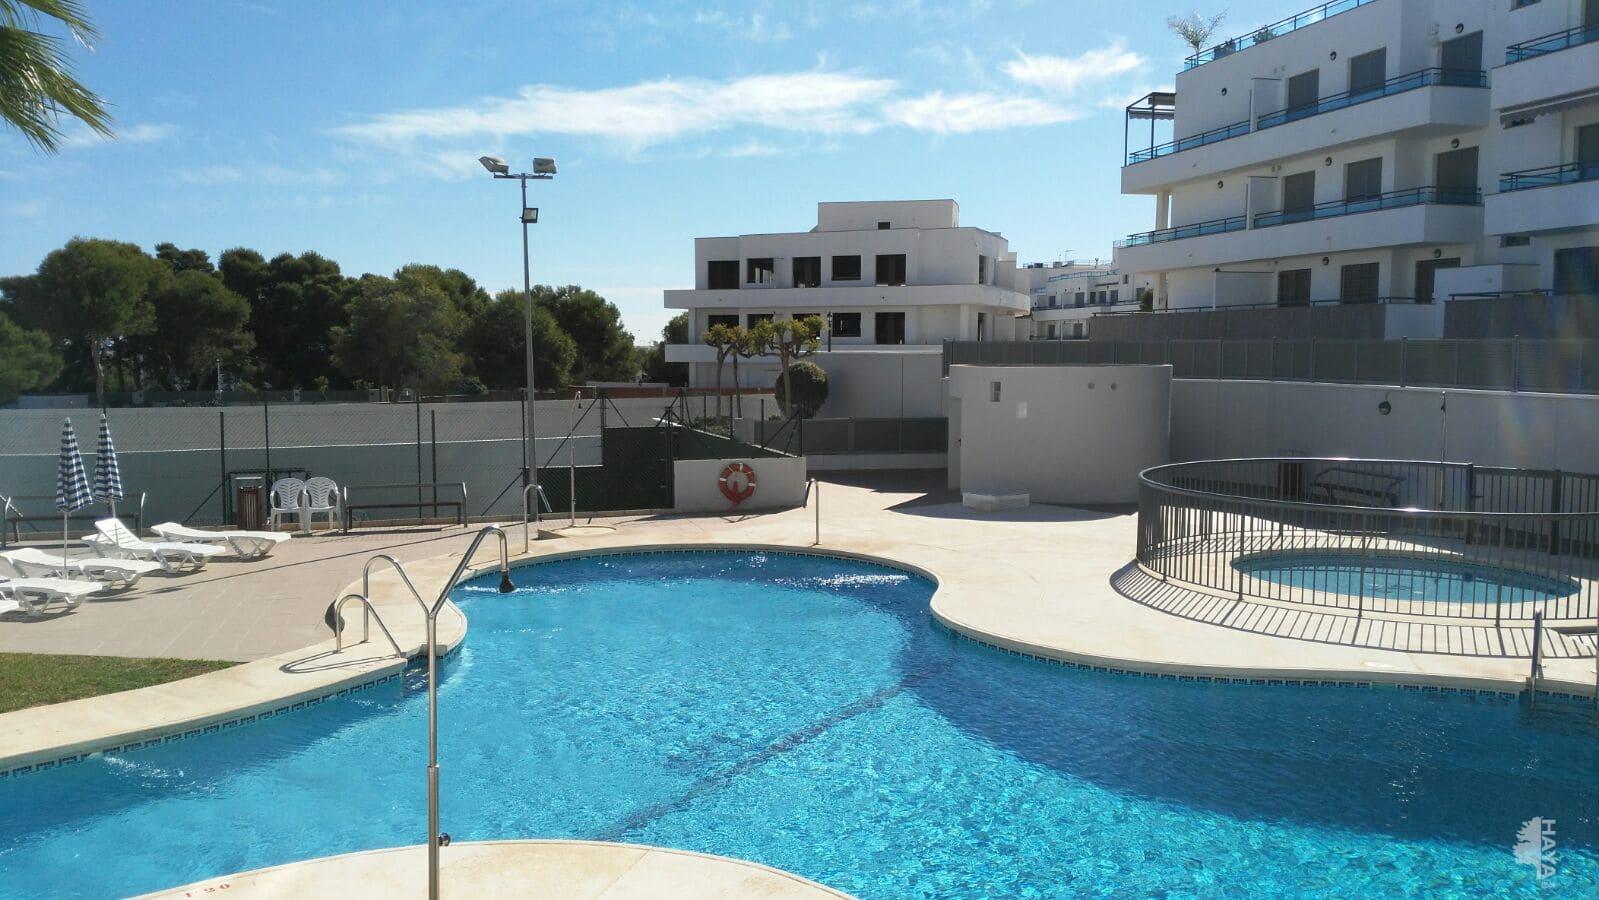 Piso en venta en Garrucha, Almería, Calle Murillo (pinar de Garrucha), B, 96.300 €, 2 habitaciones, 2 baños, 76 m2